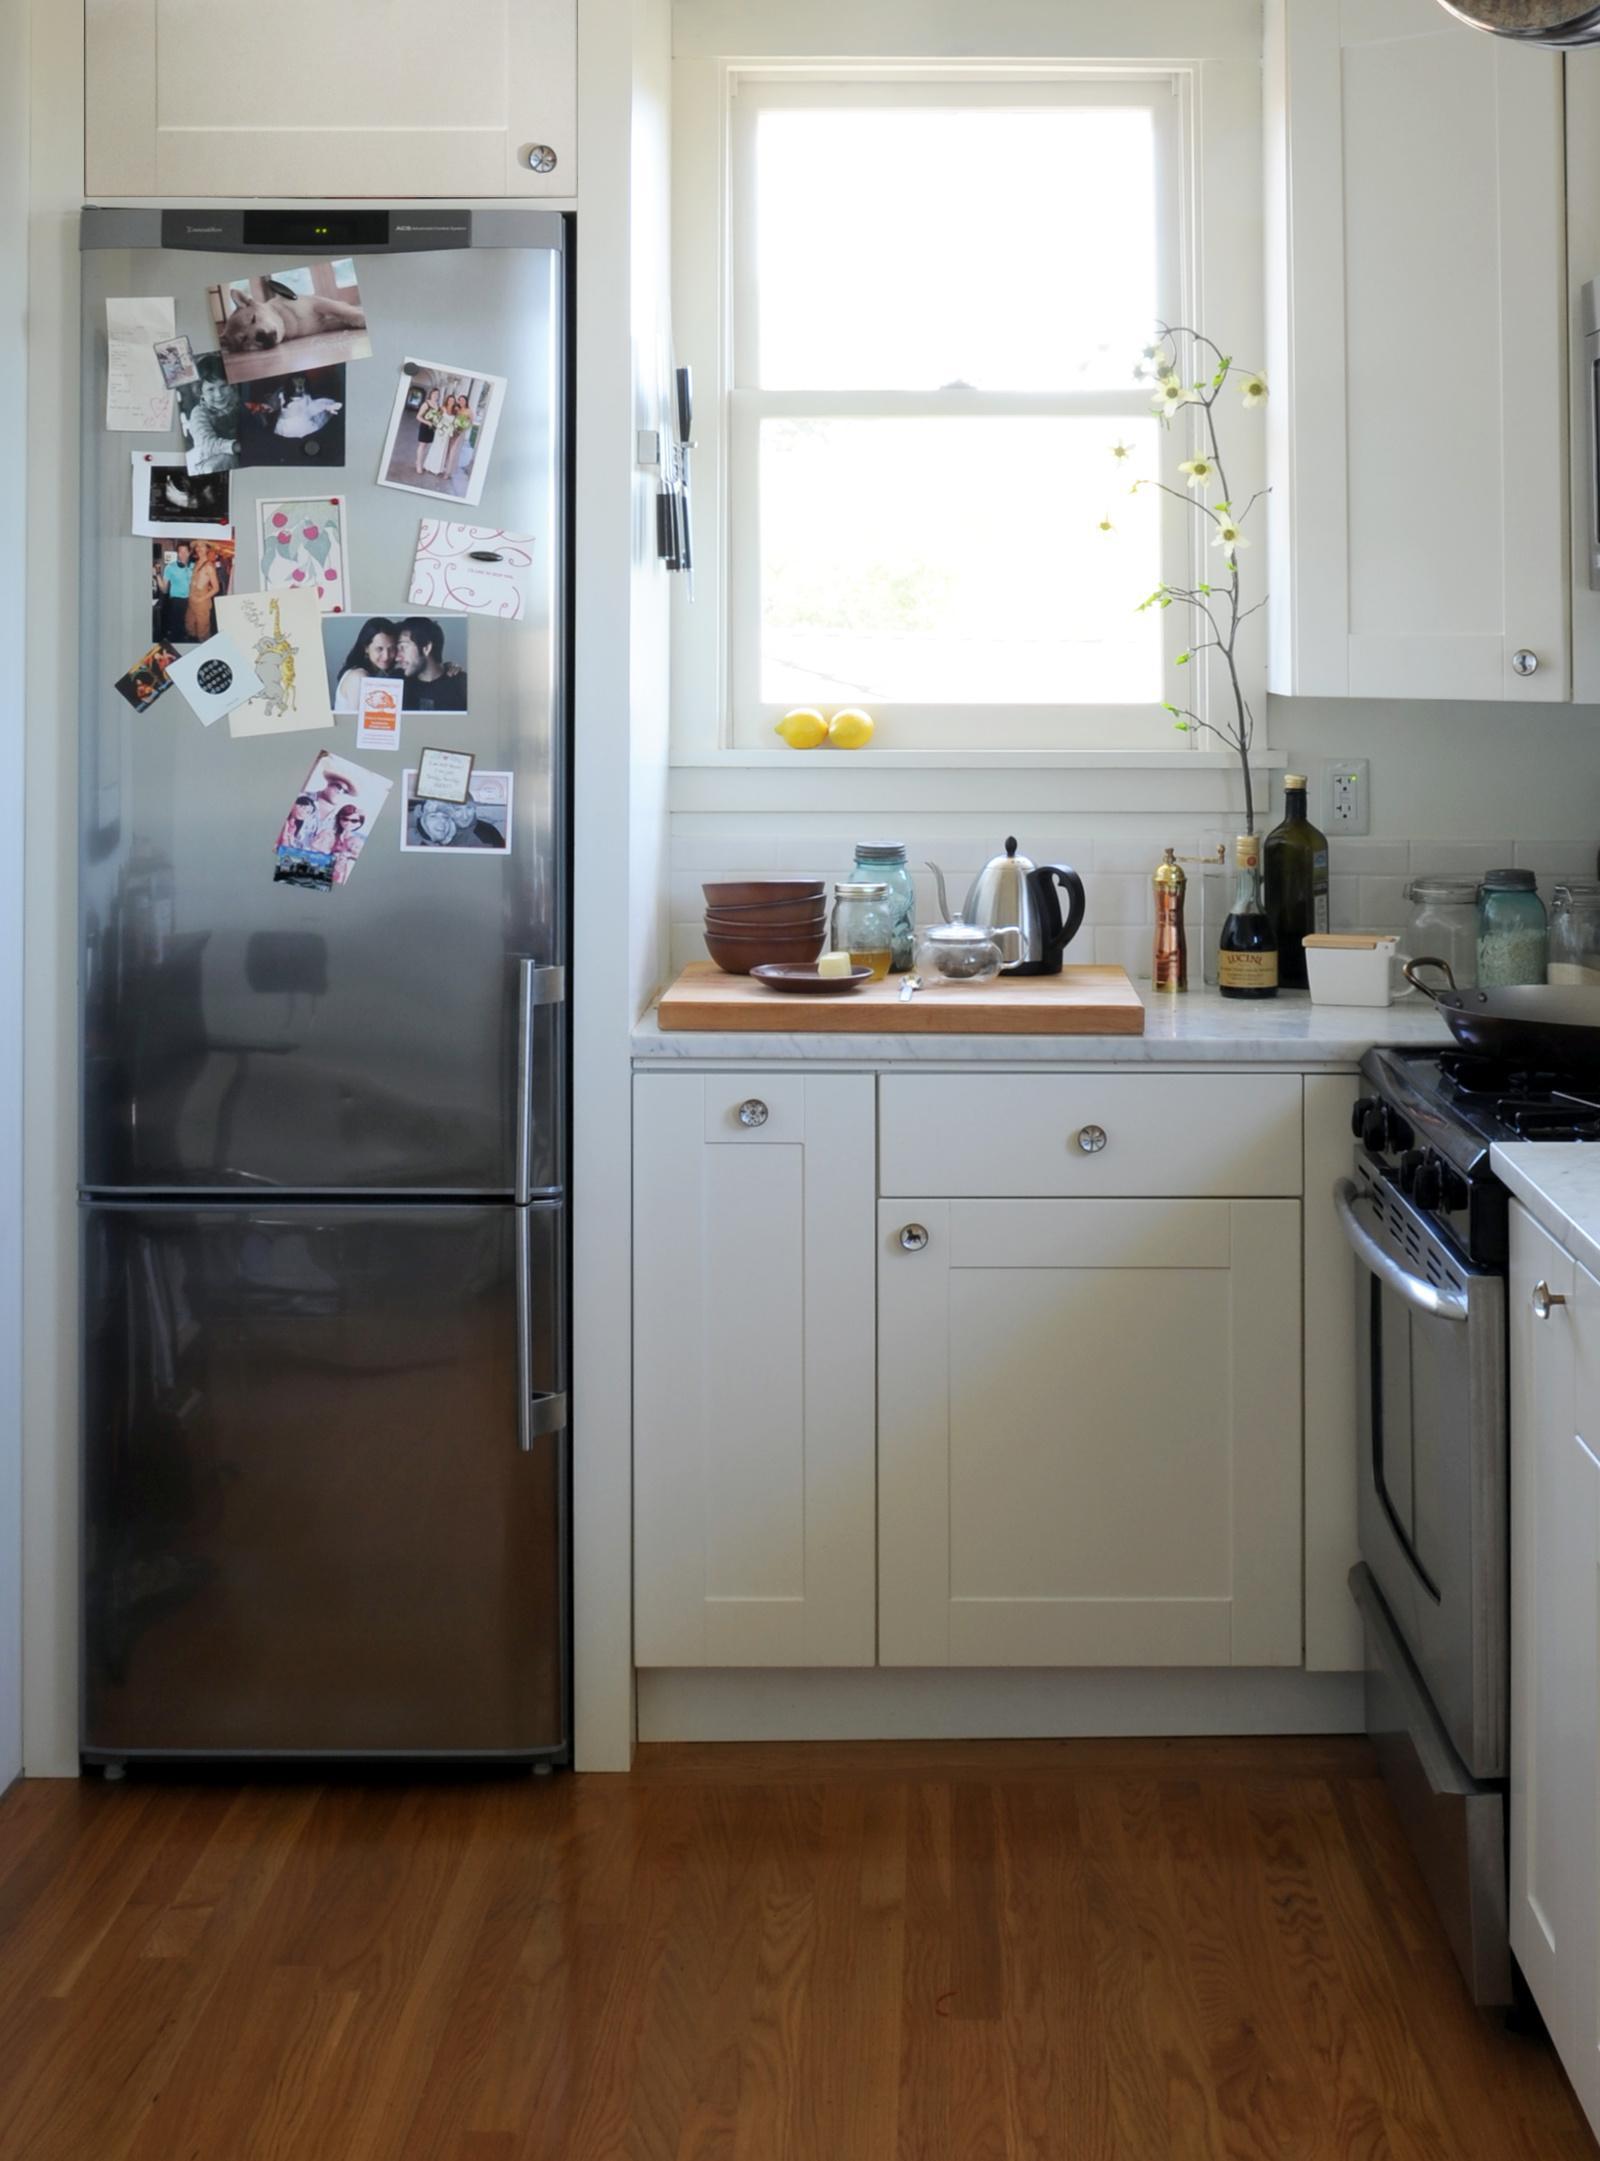 Расположение небольшого холодильника на кухне